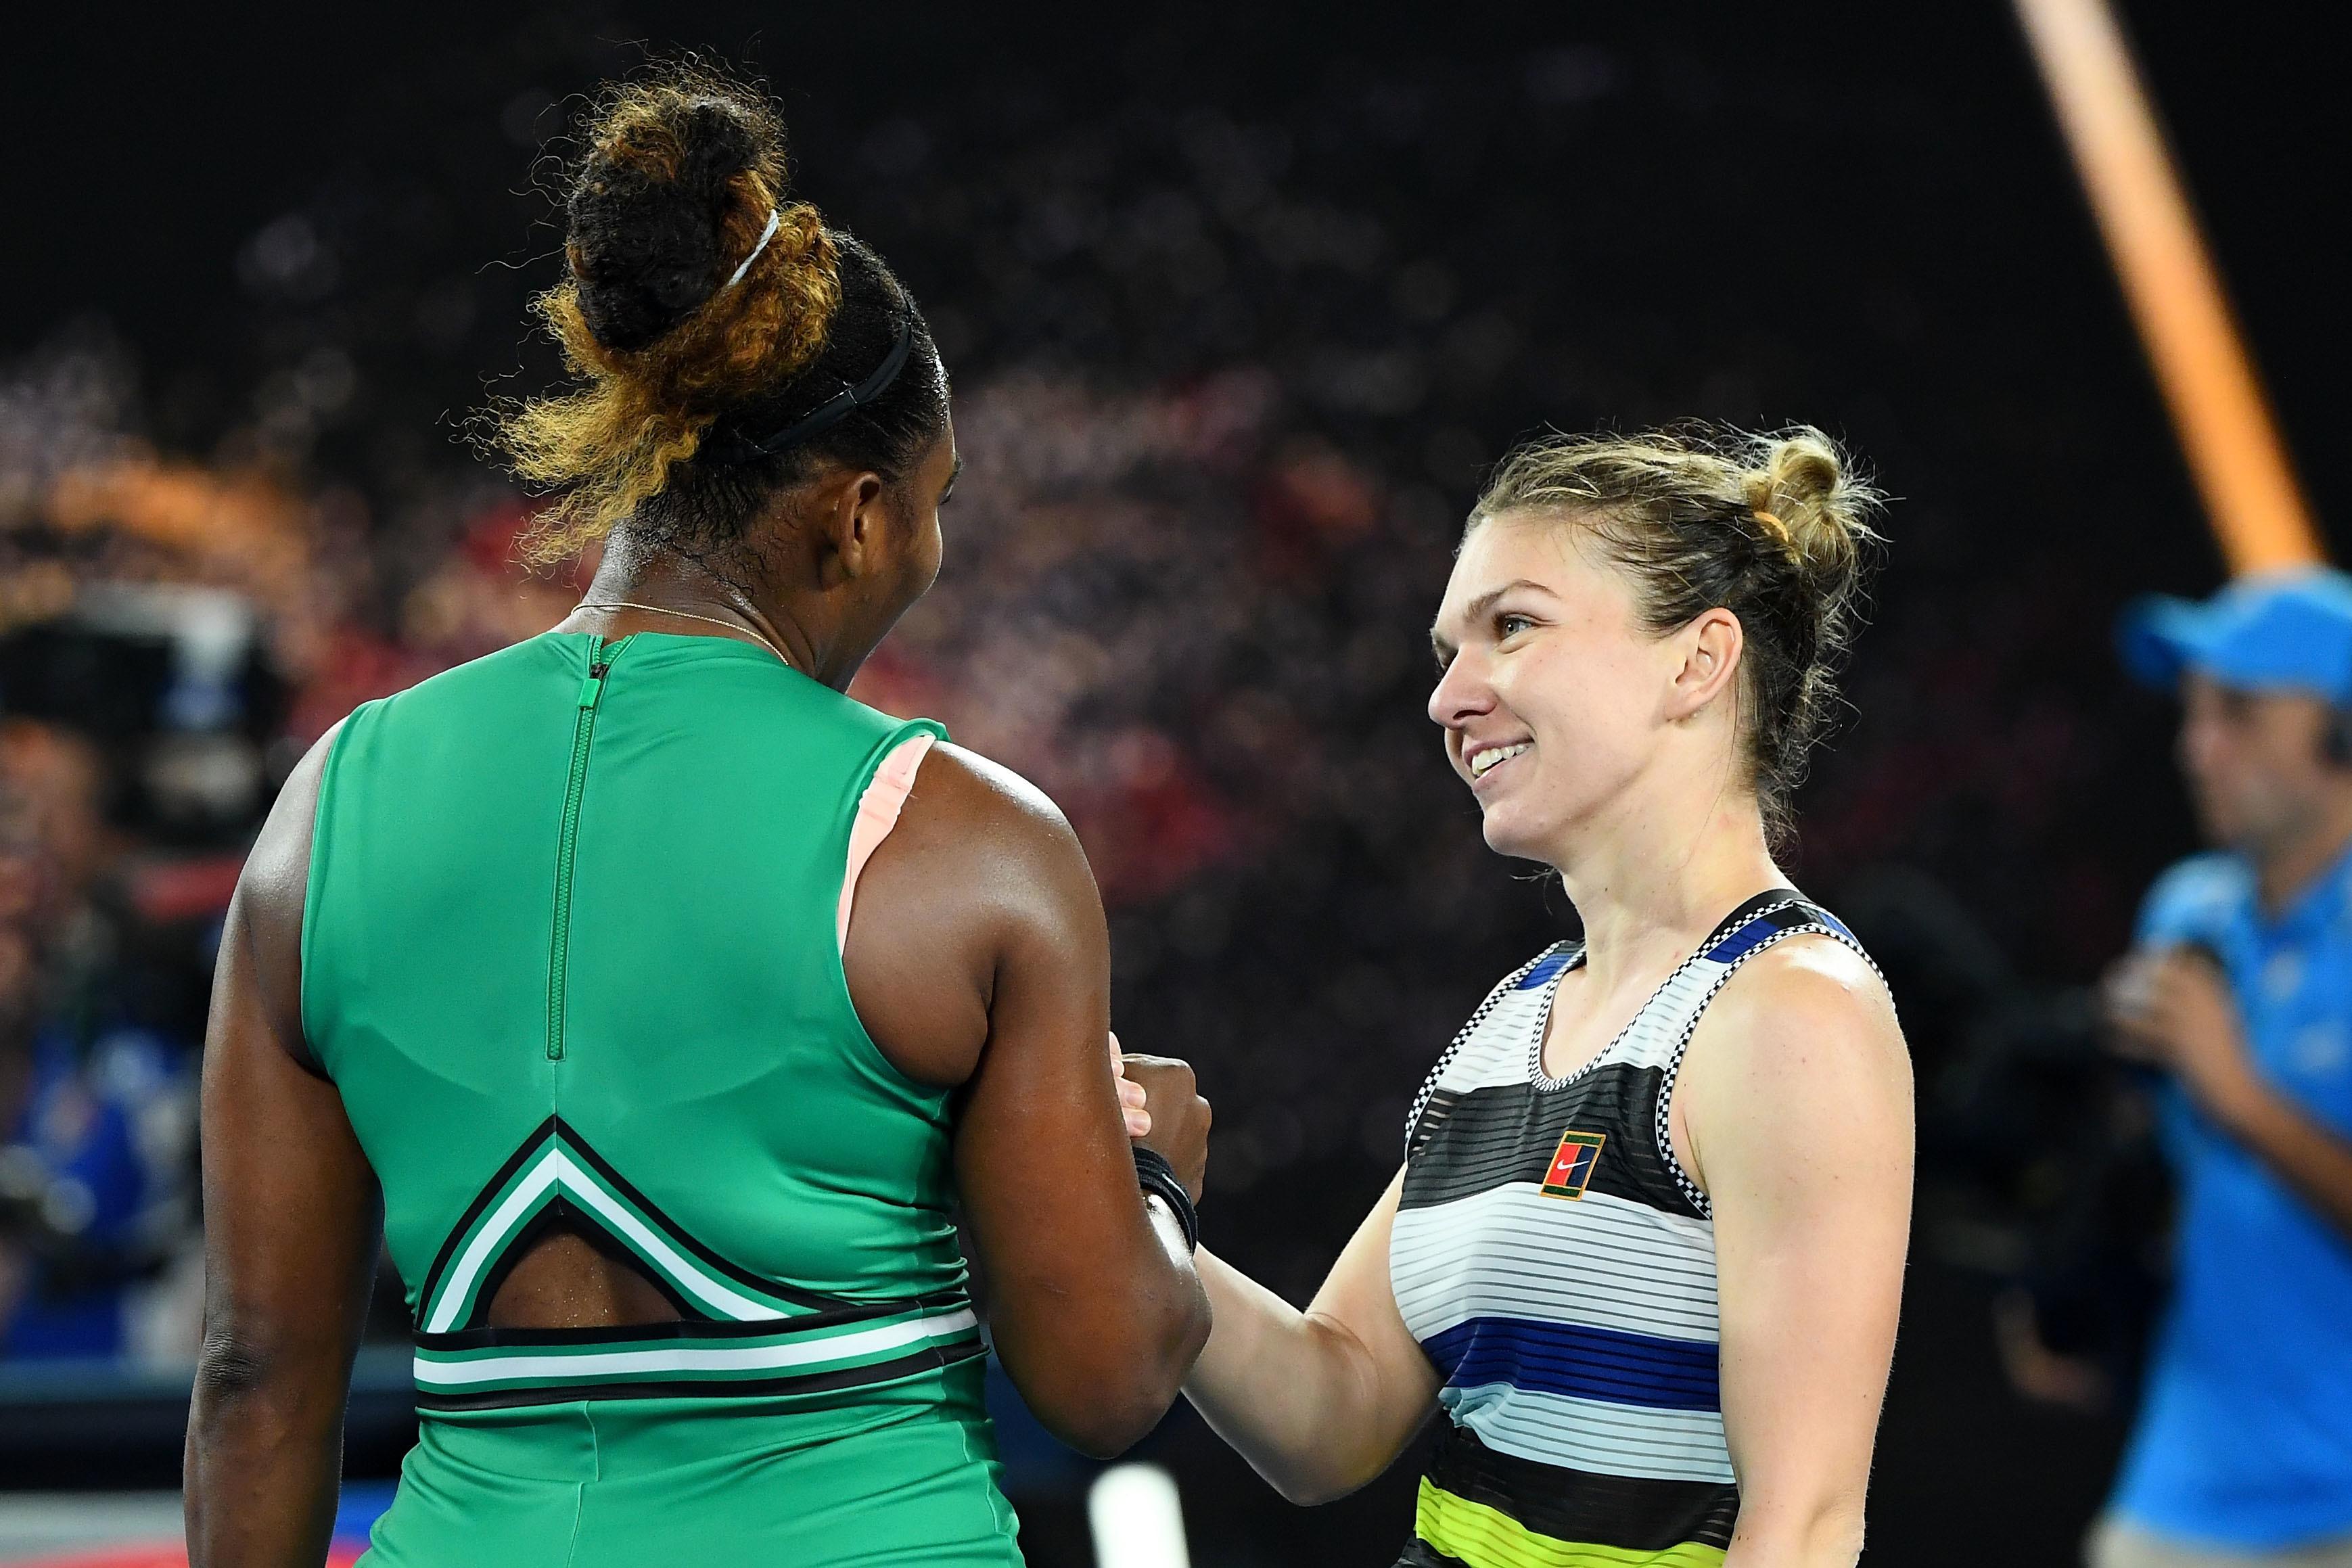 Reacţia lui Mats Wilander după înfrângerea Simonei Halep în meciul cu Serena. Avertismentul fostului tenismen